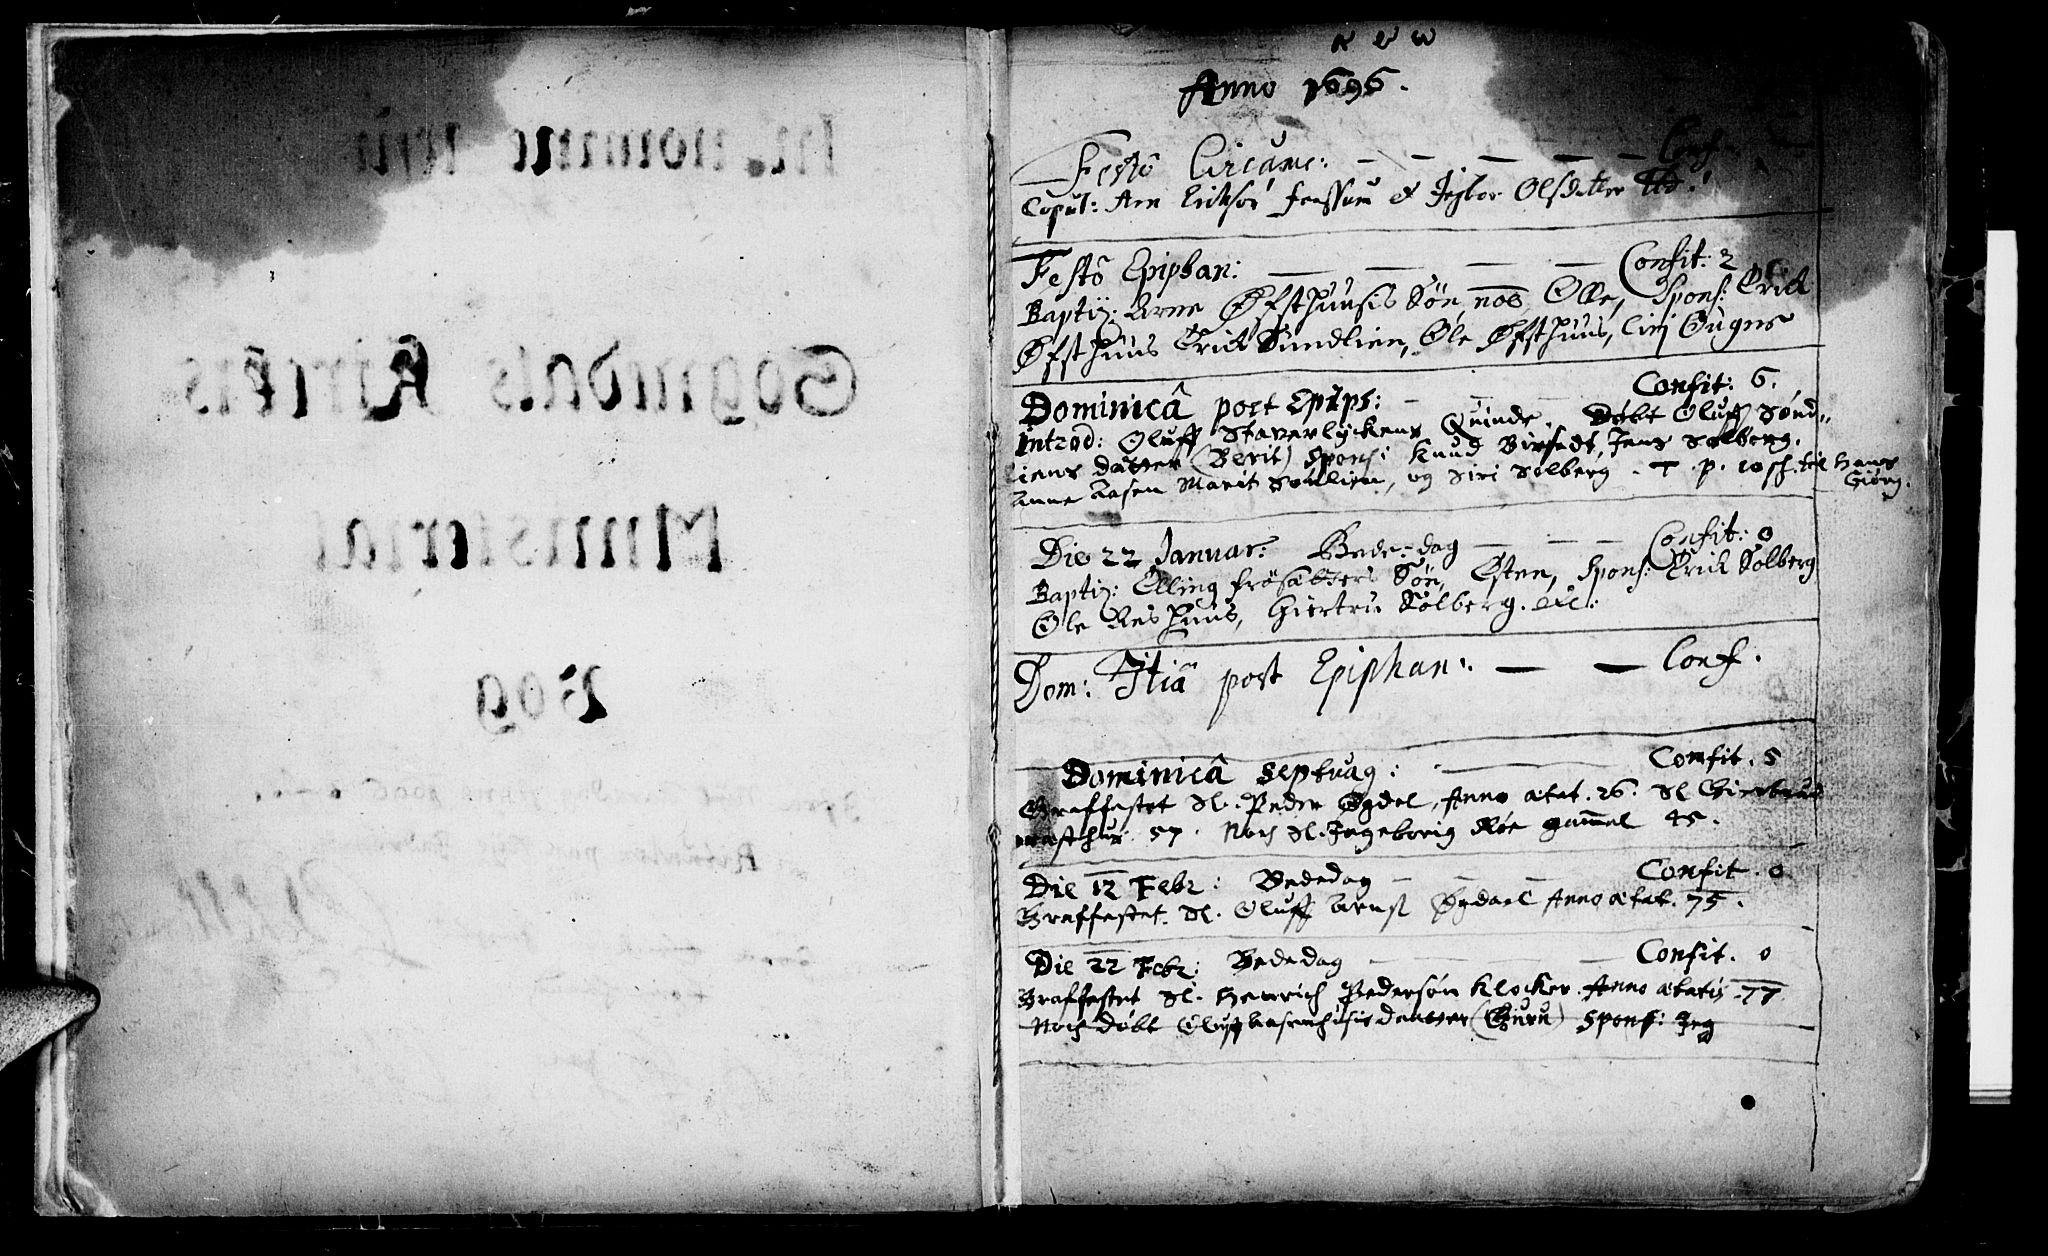 SAT, Ministerialprotokoller, klokkerbøker og fødselsregistre - Sør-Trøndelag, 689/L1036: Ministerialbok nr. 689A01, 1696-1746, s. 3